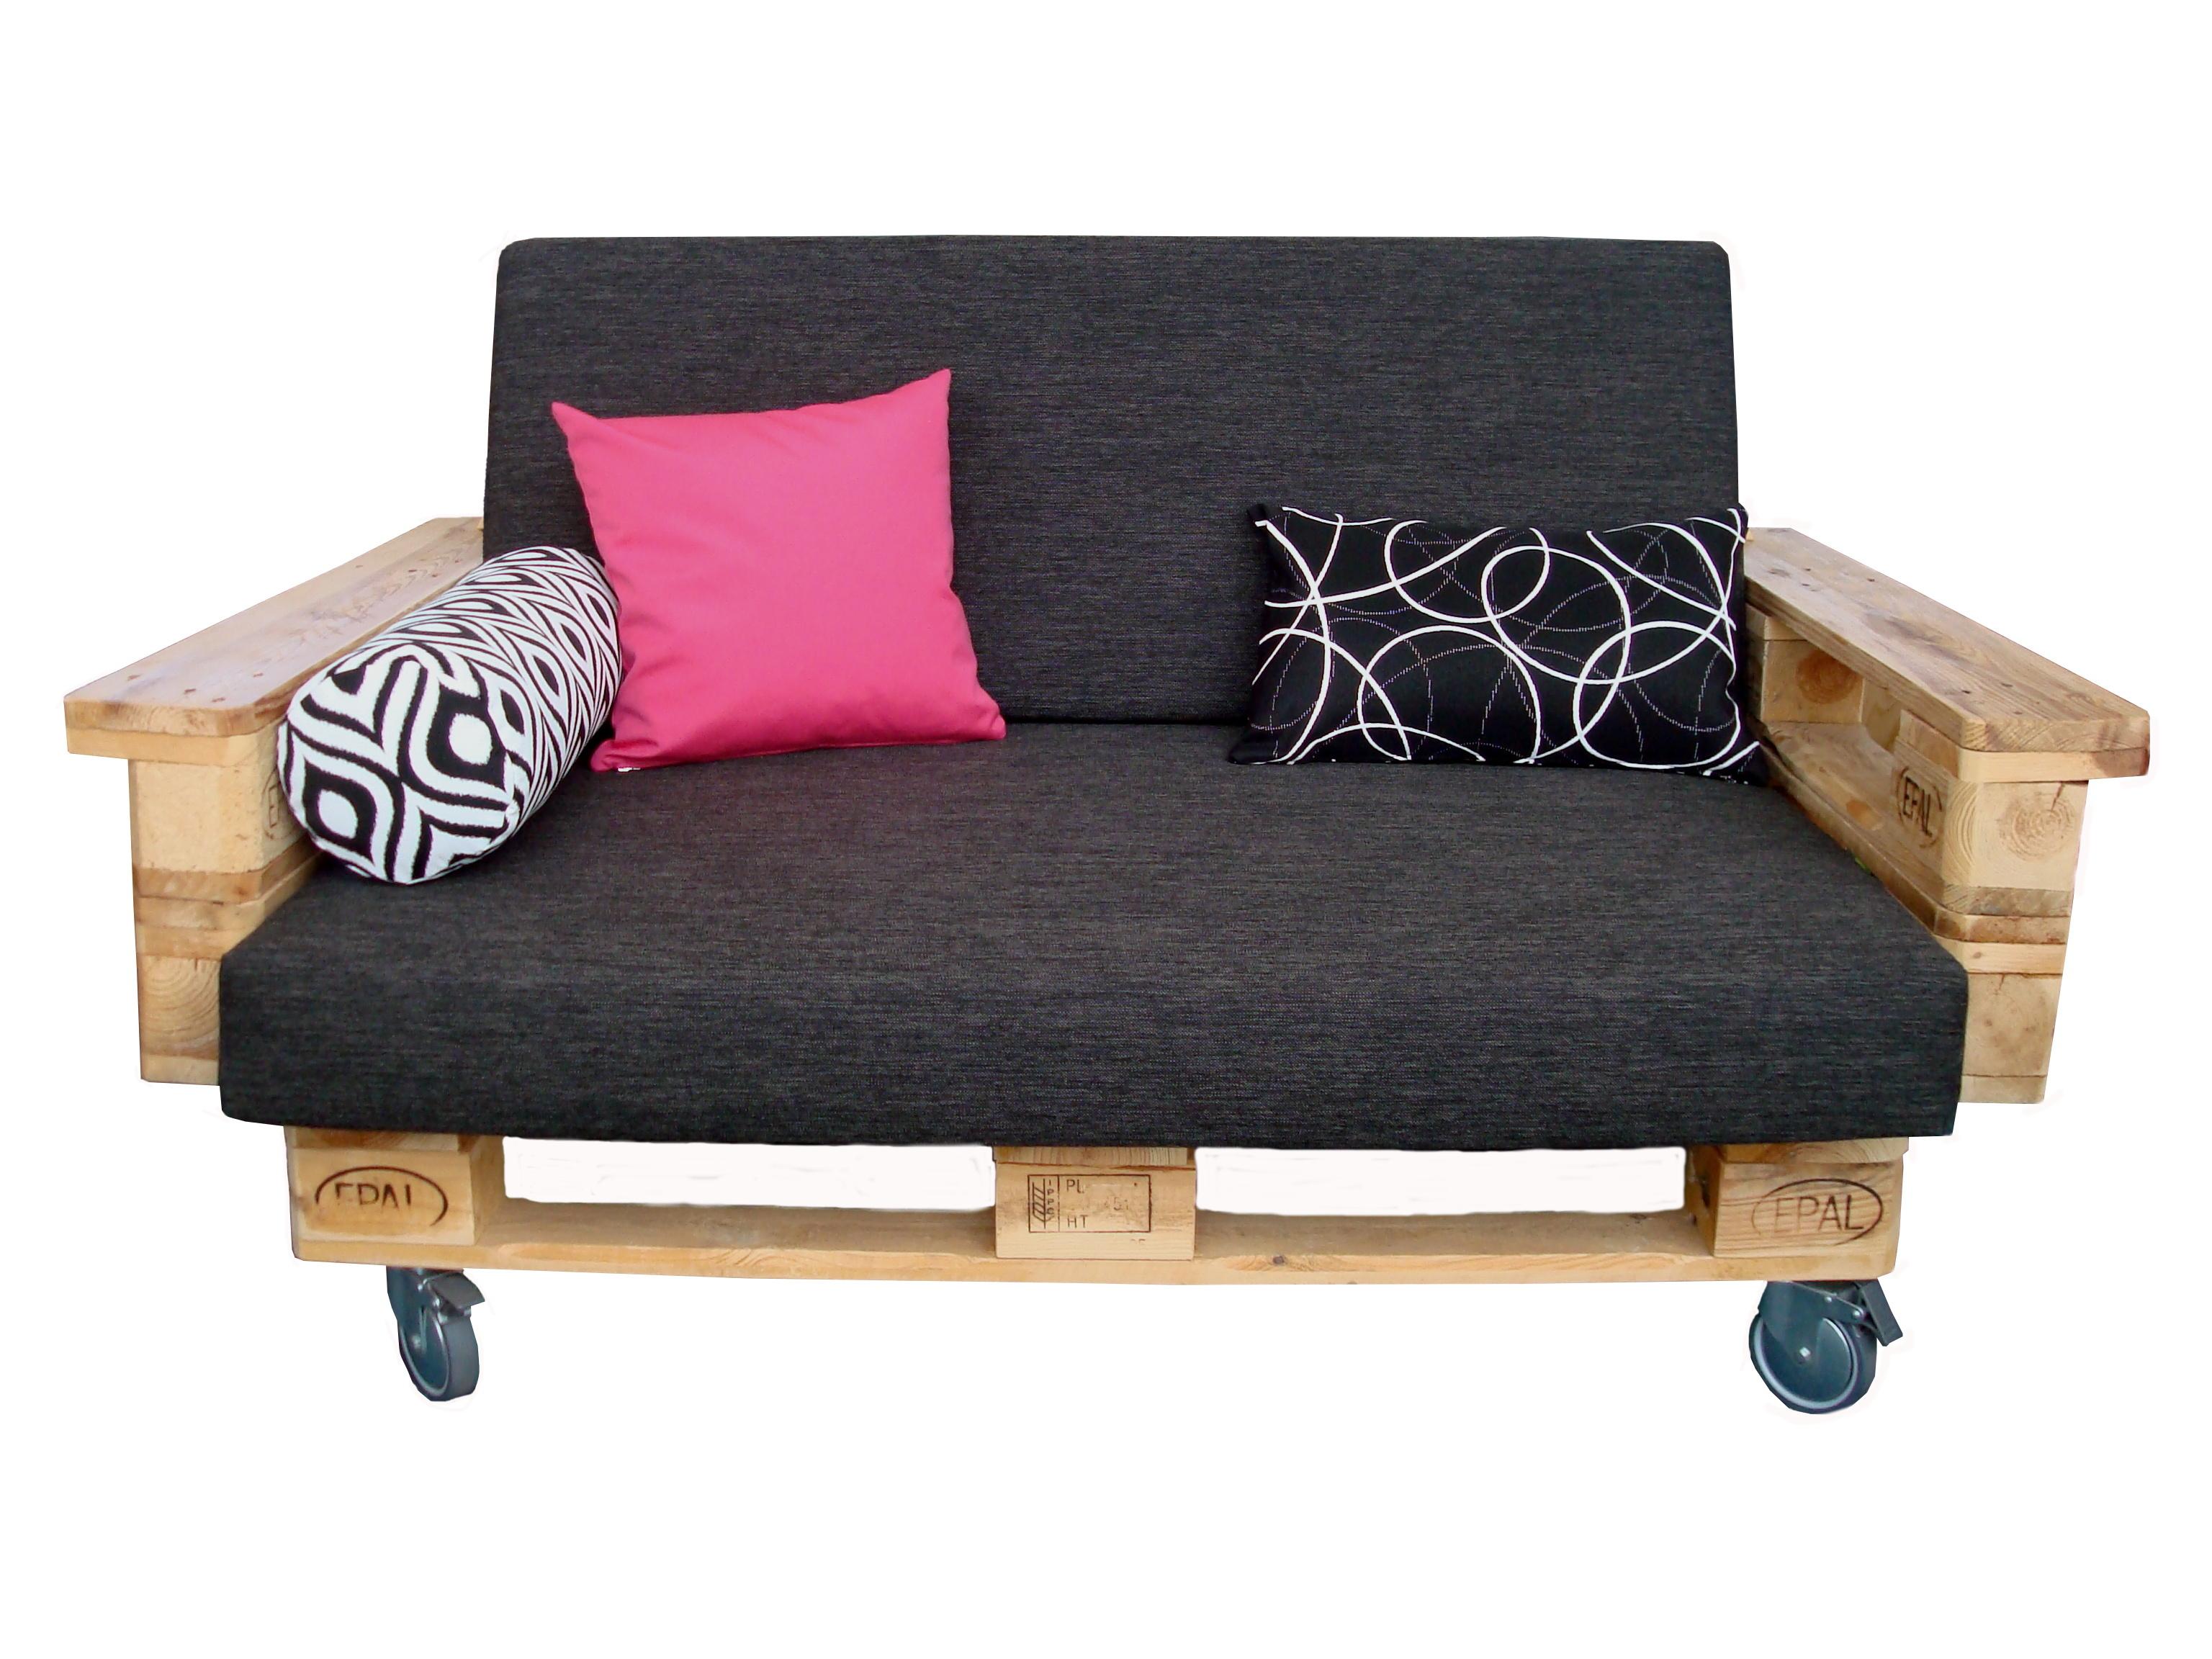 bequemer sitzen eckbank polster kissen und auflagen nach ma. Black Bedroom Furniture Sets. Home Design Ideas